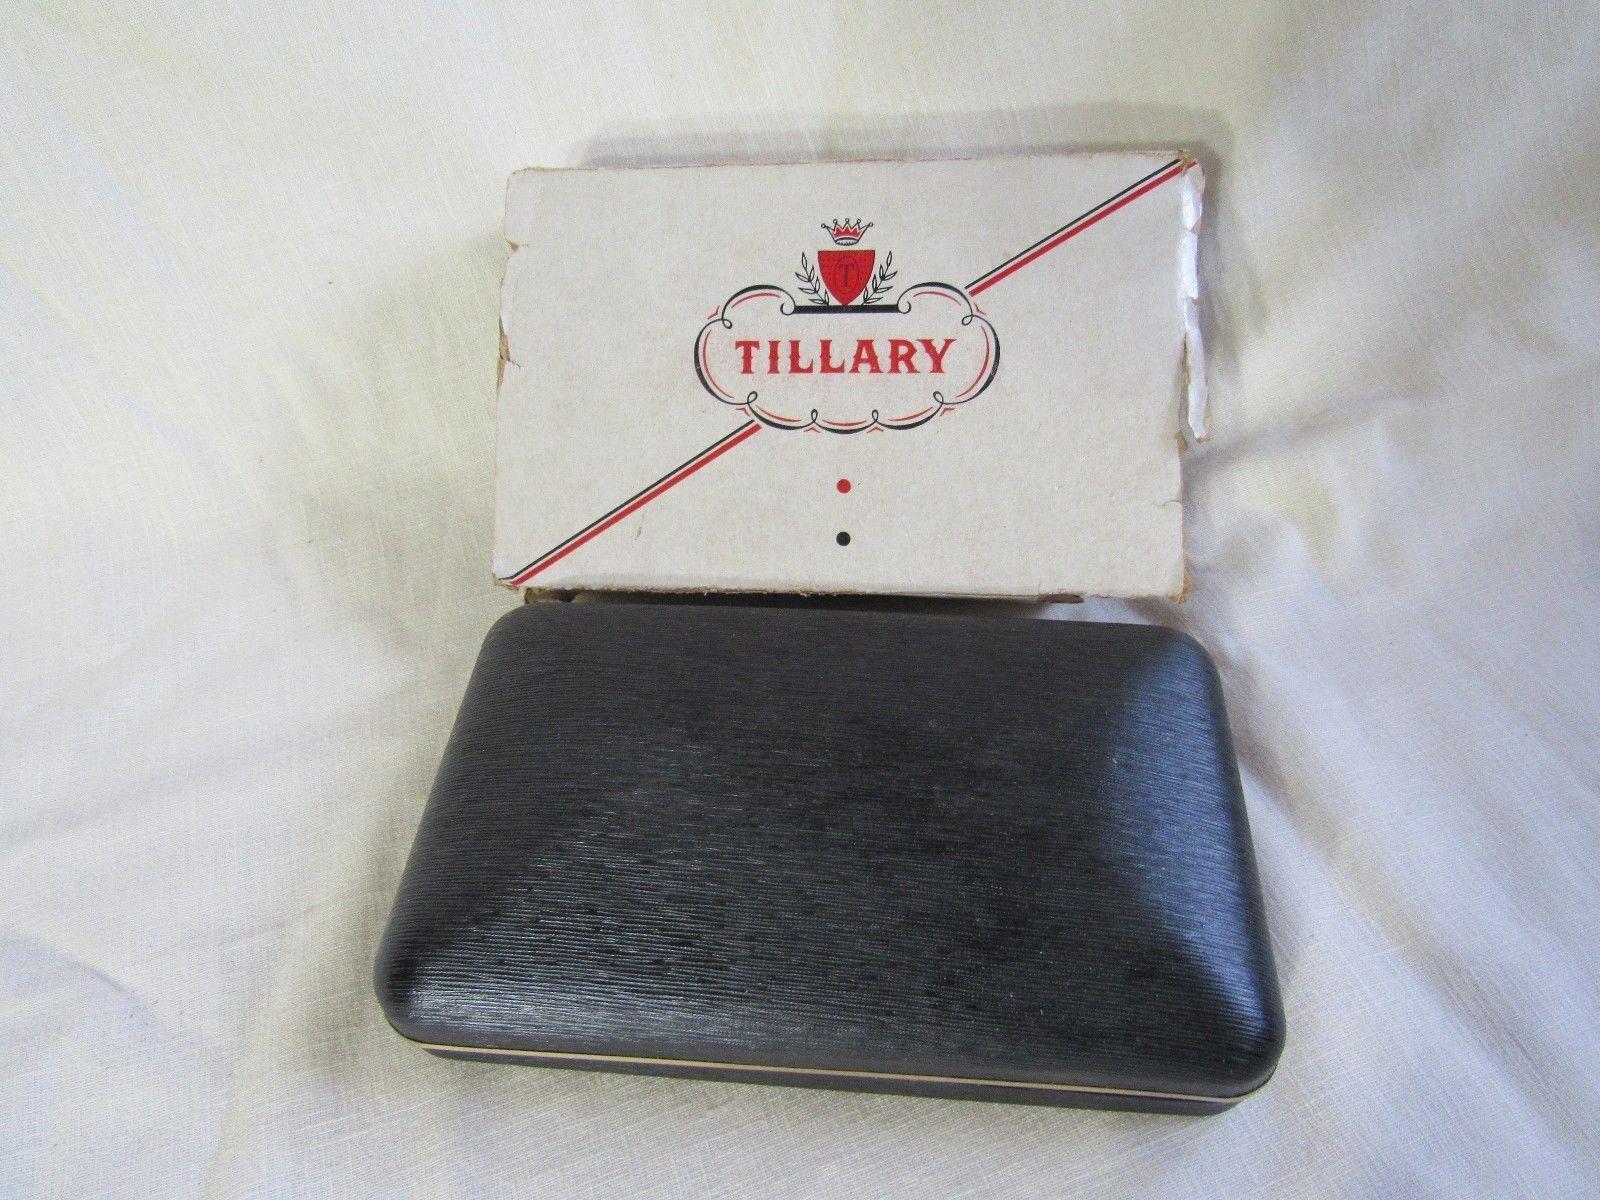 VTG Tillary Original Gift Set Tie Bar Clip Cuff Links Pen & Pencil Set NOS